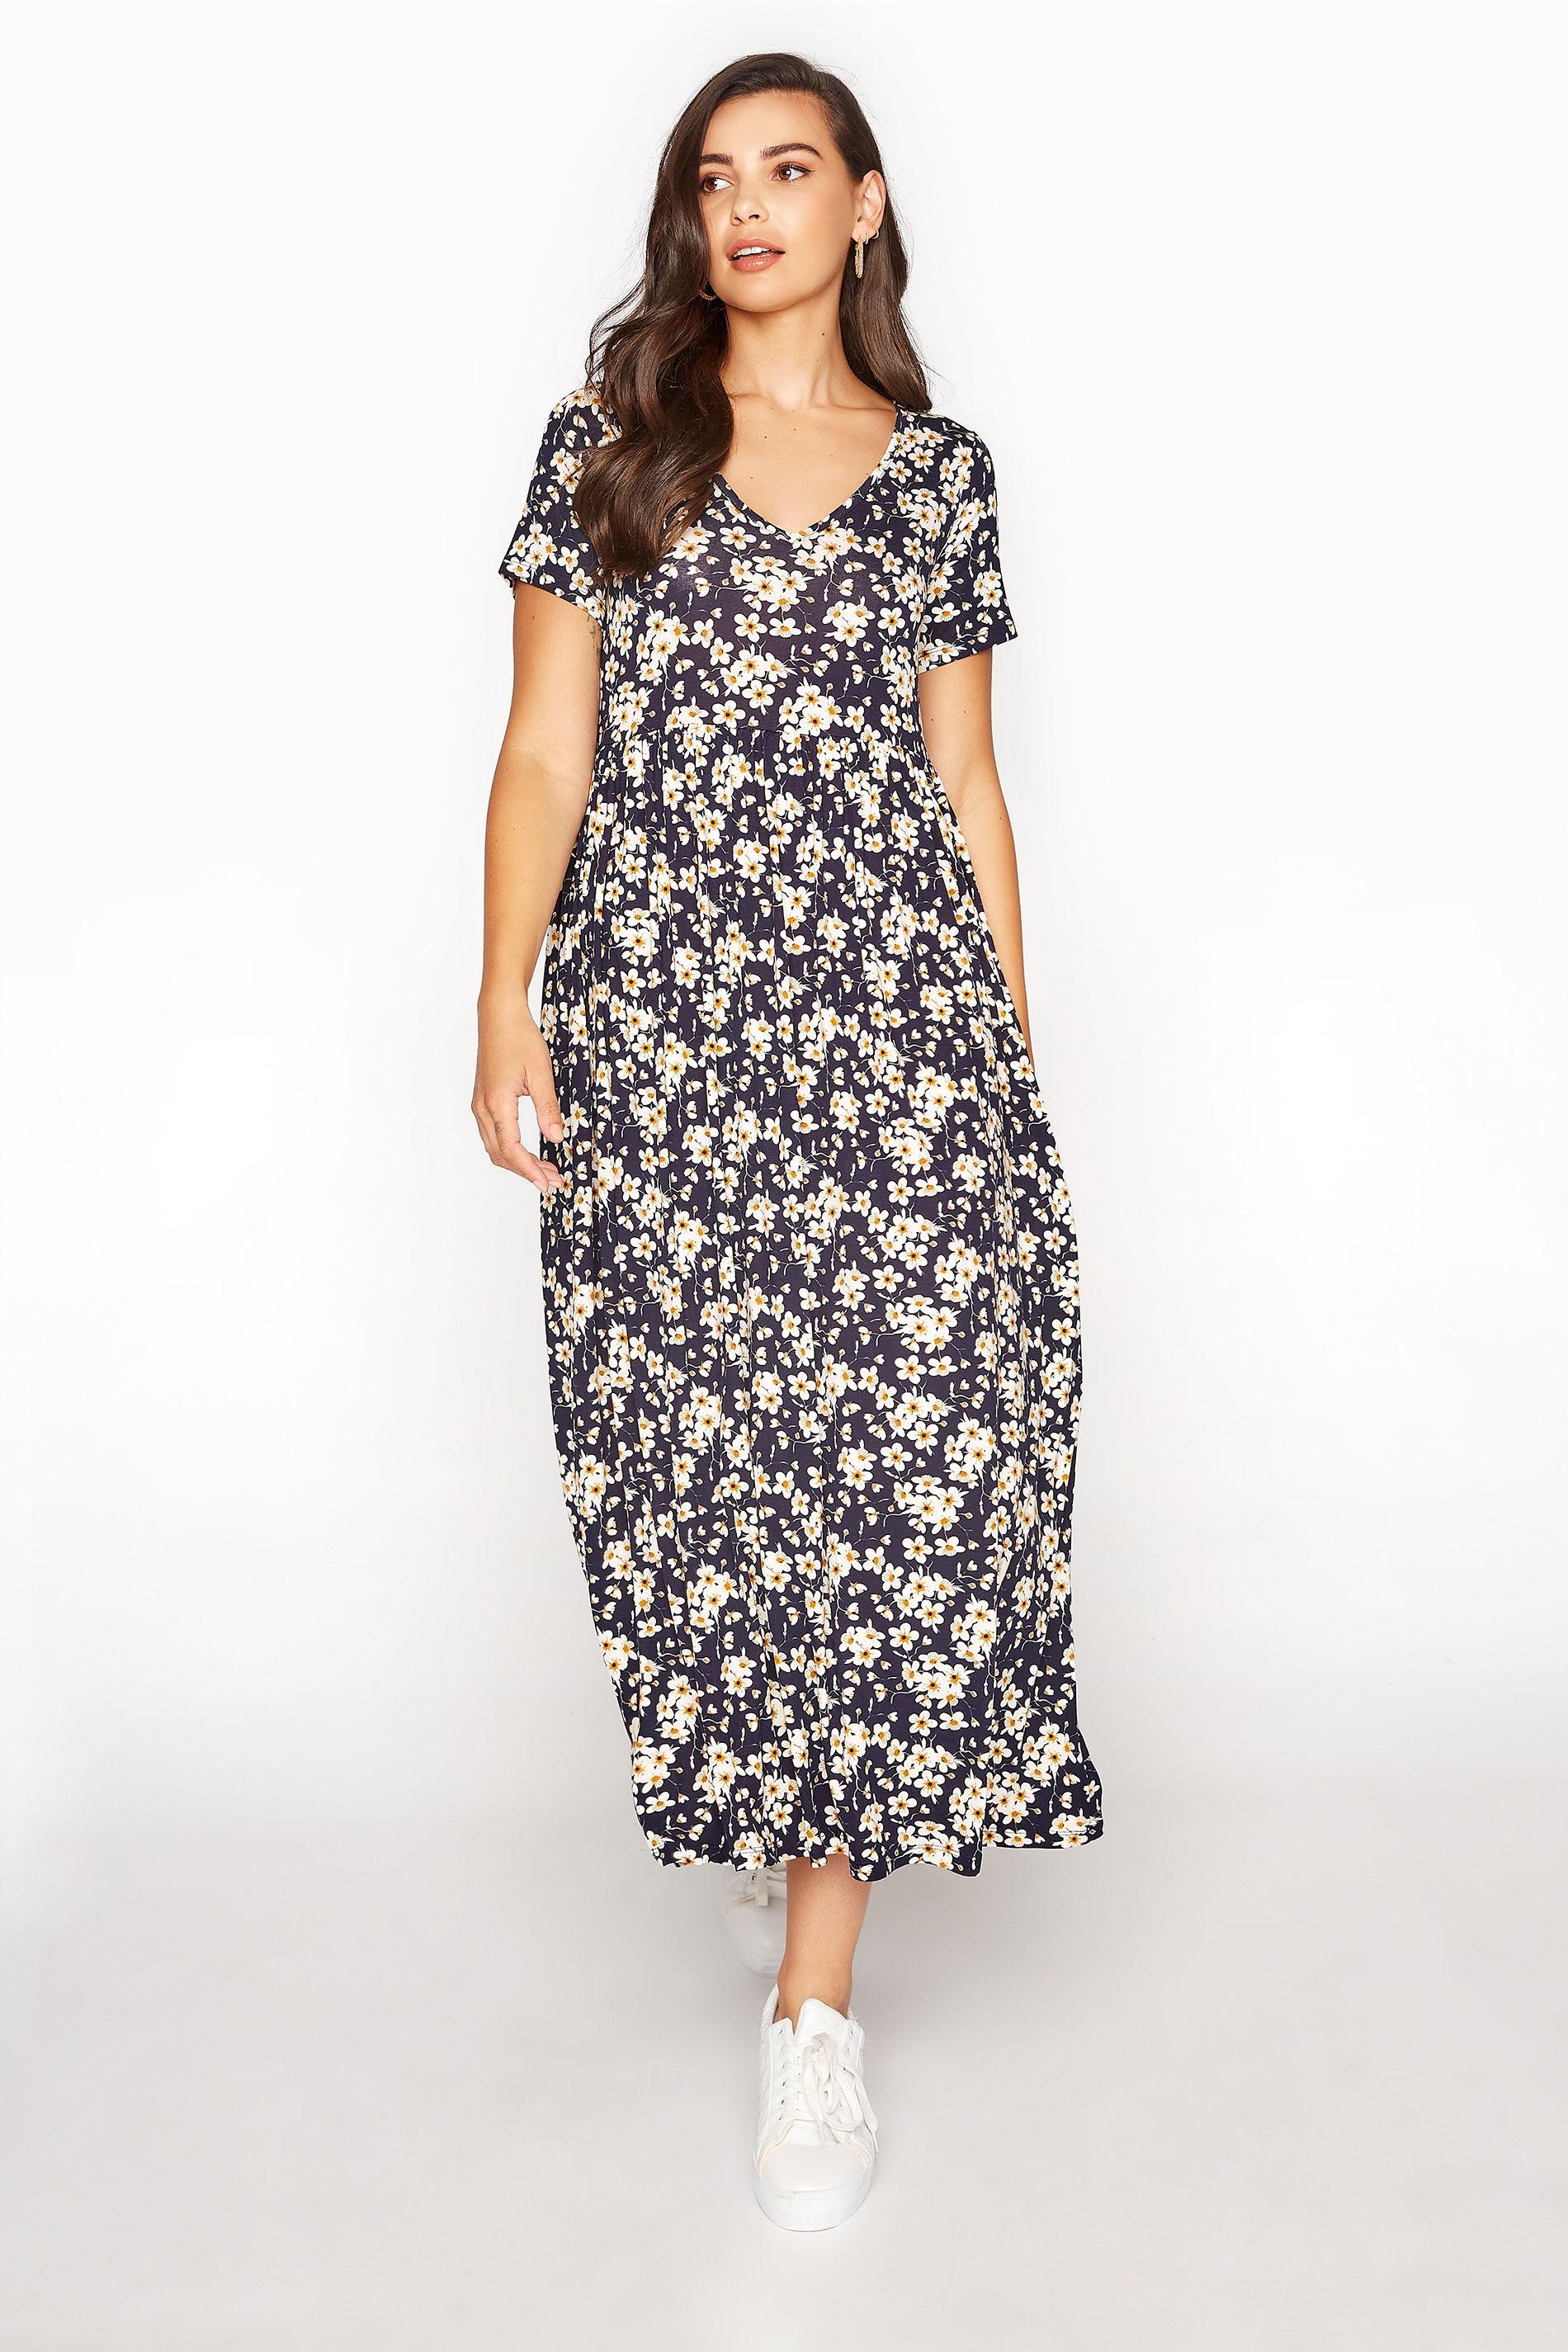 LTS Black Daisy Print Midi Dress_A.jpg